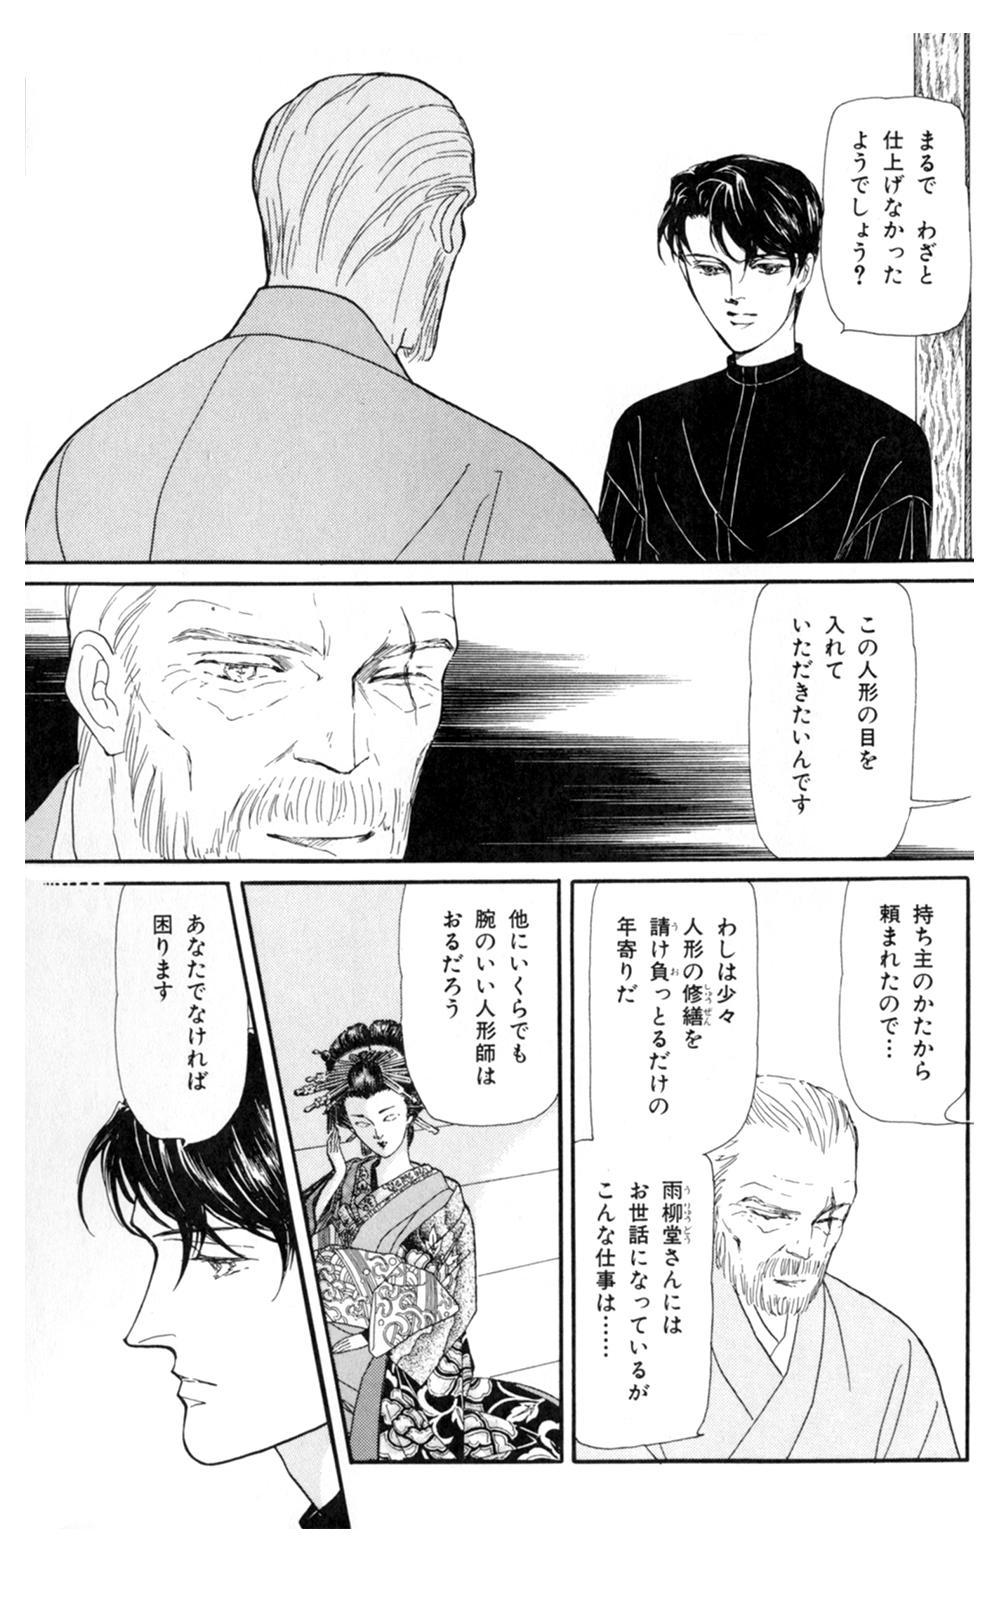 雨柳堂夢咄 第5話「花に暮れる」①uryudo01-123.jpg